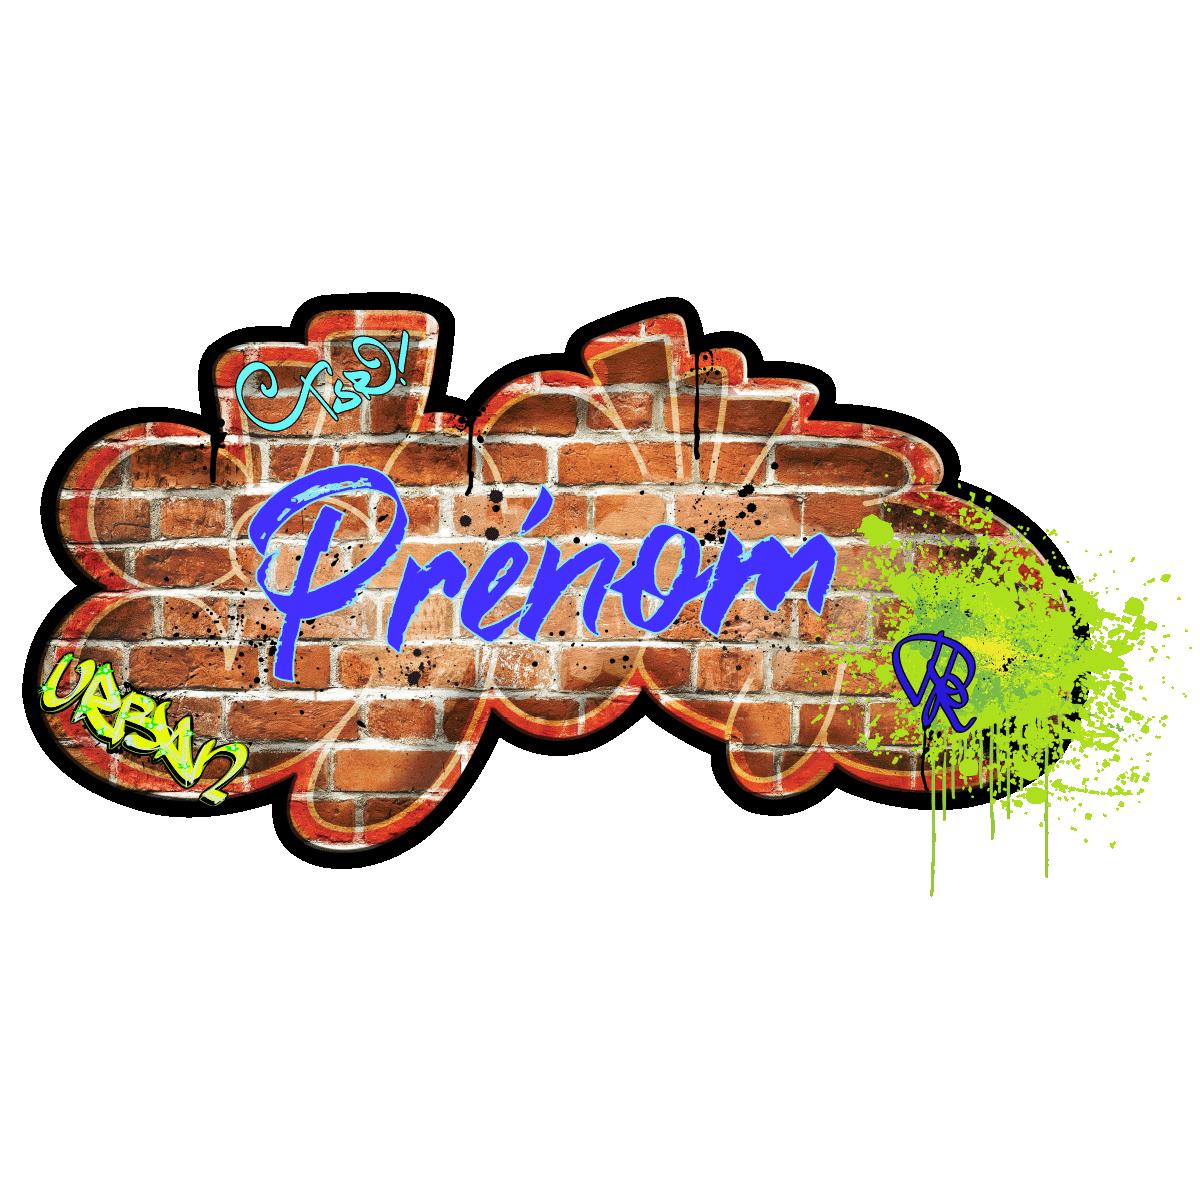 Wandtattoo Anpassbare Kinderzimmer Graffiti Wand Wandtattoos Kinder Zimmer Vornamen Ambiance Sticker